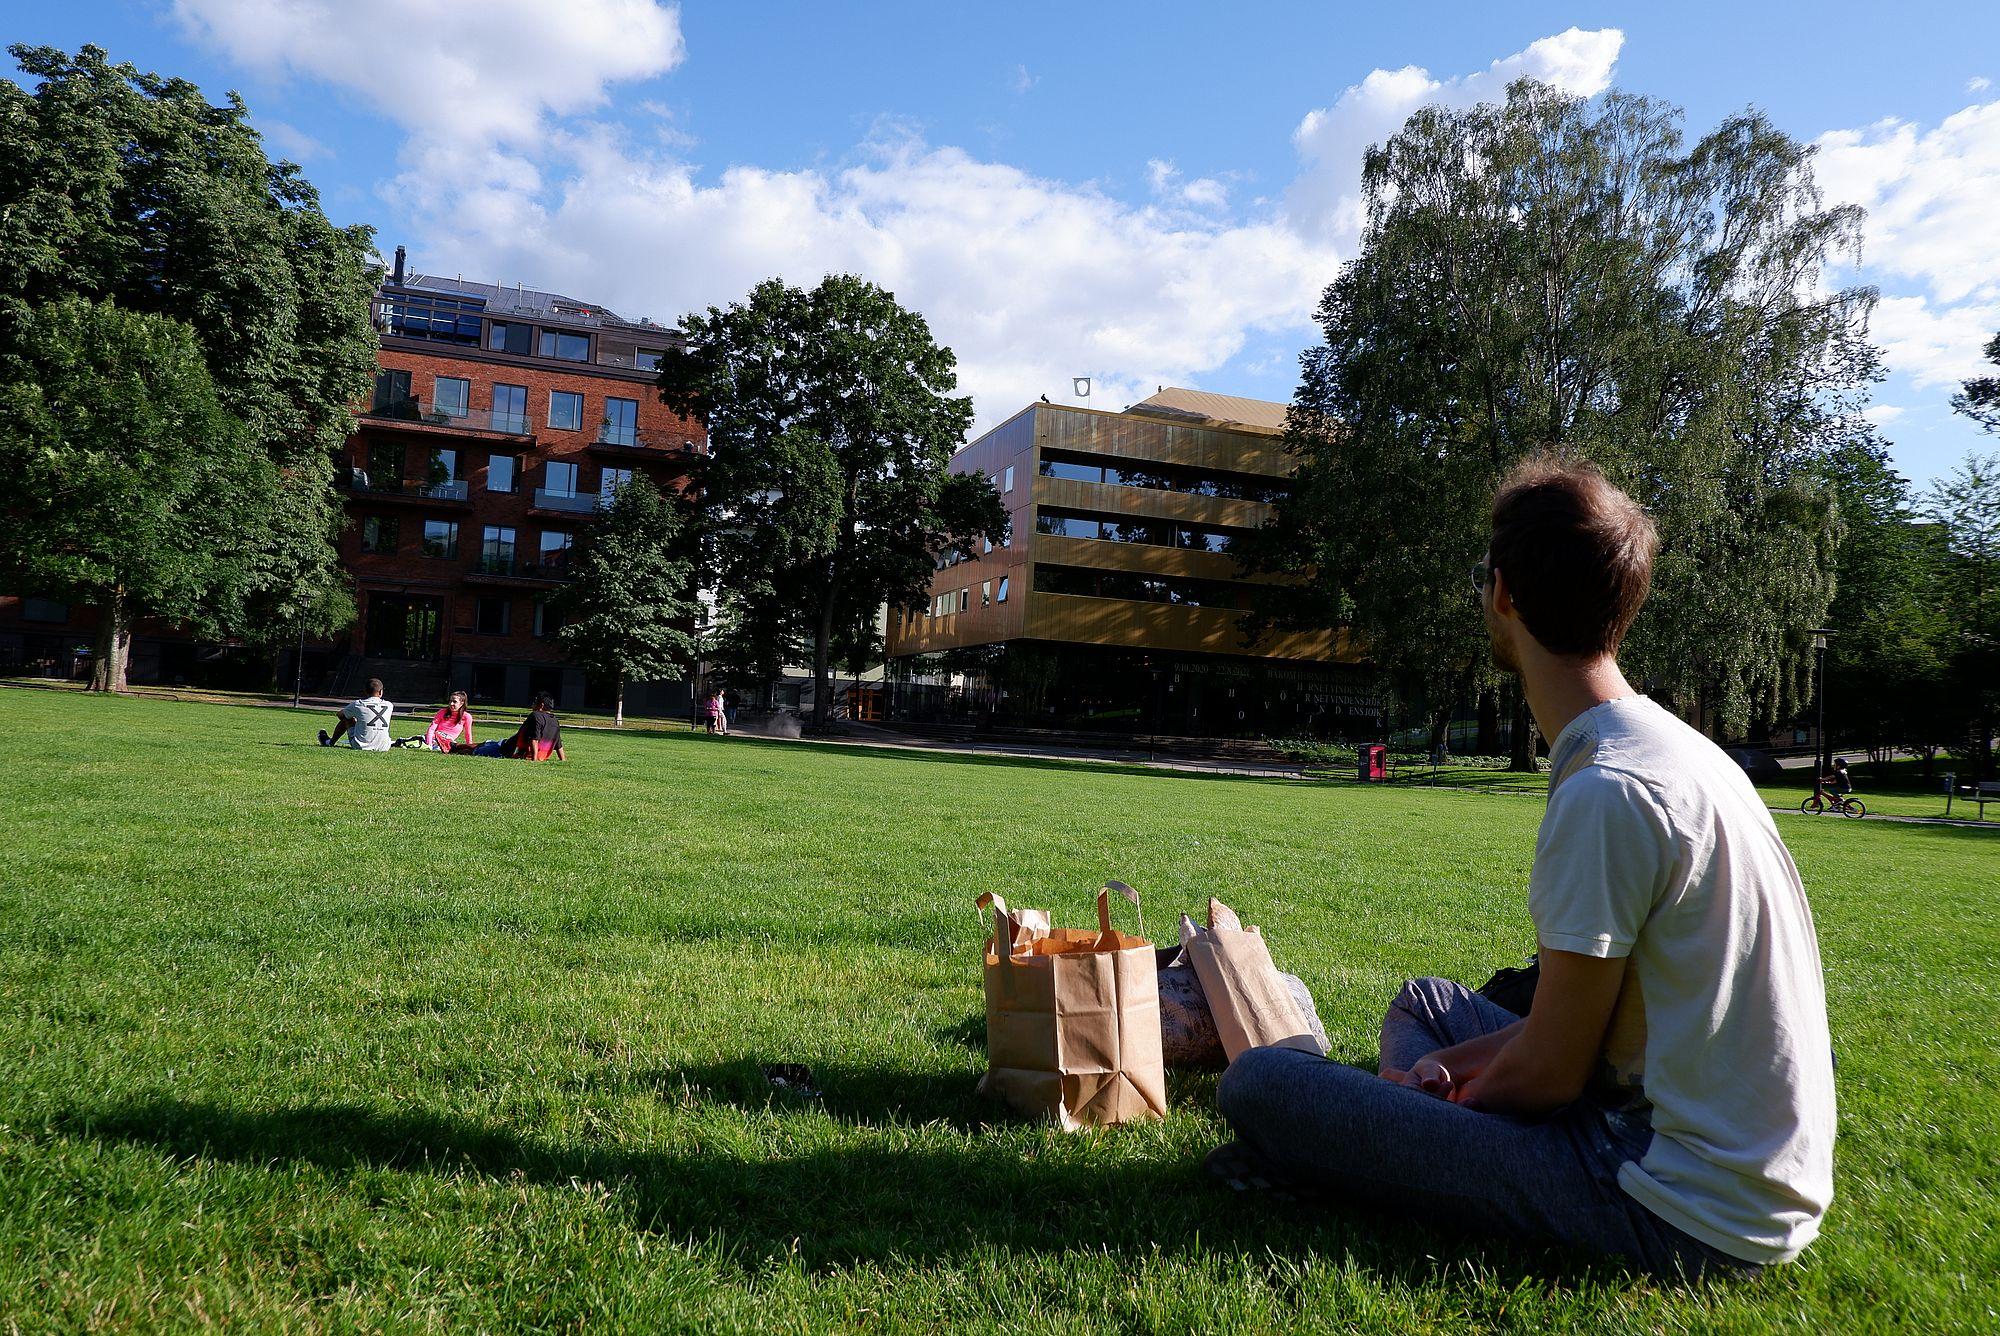 Ryan assis dans l'herbe, avec des sacs de courses remplis de pain à Vasastan.